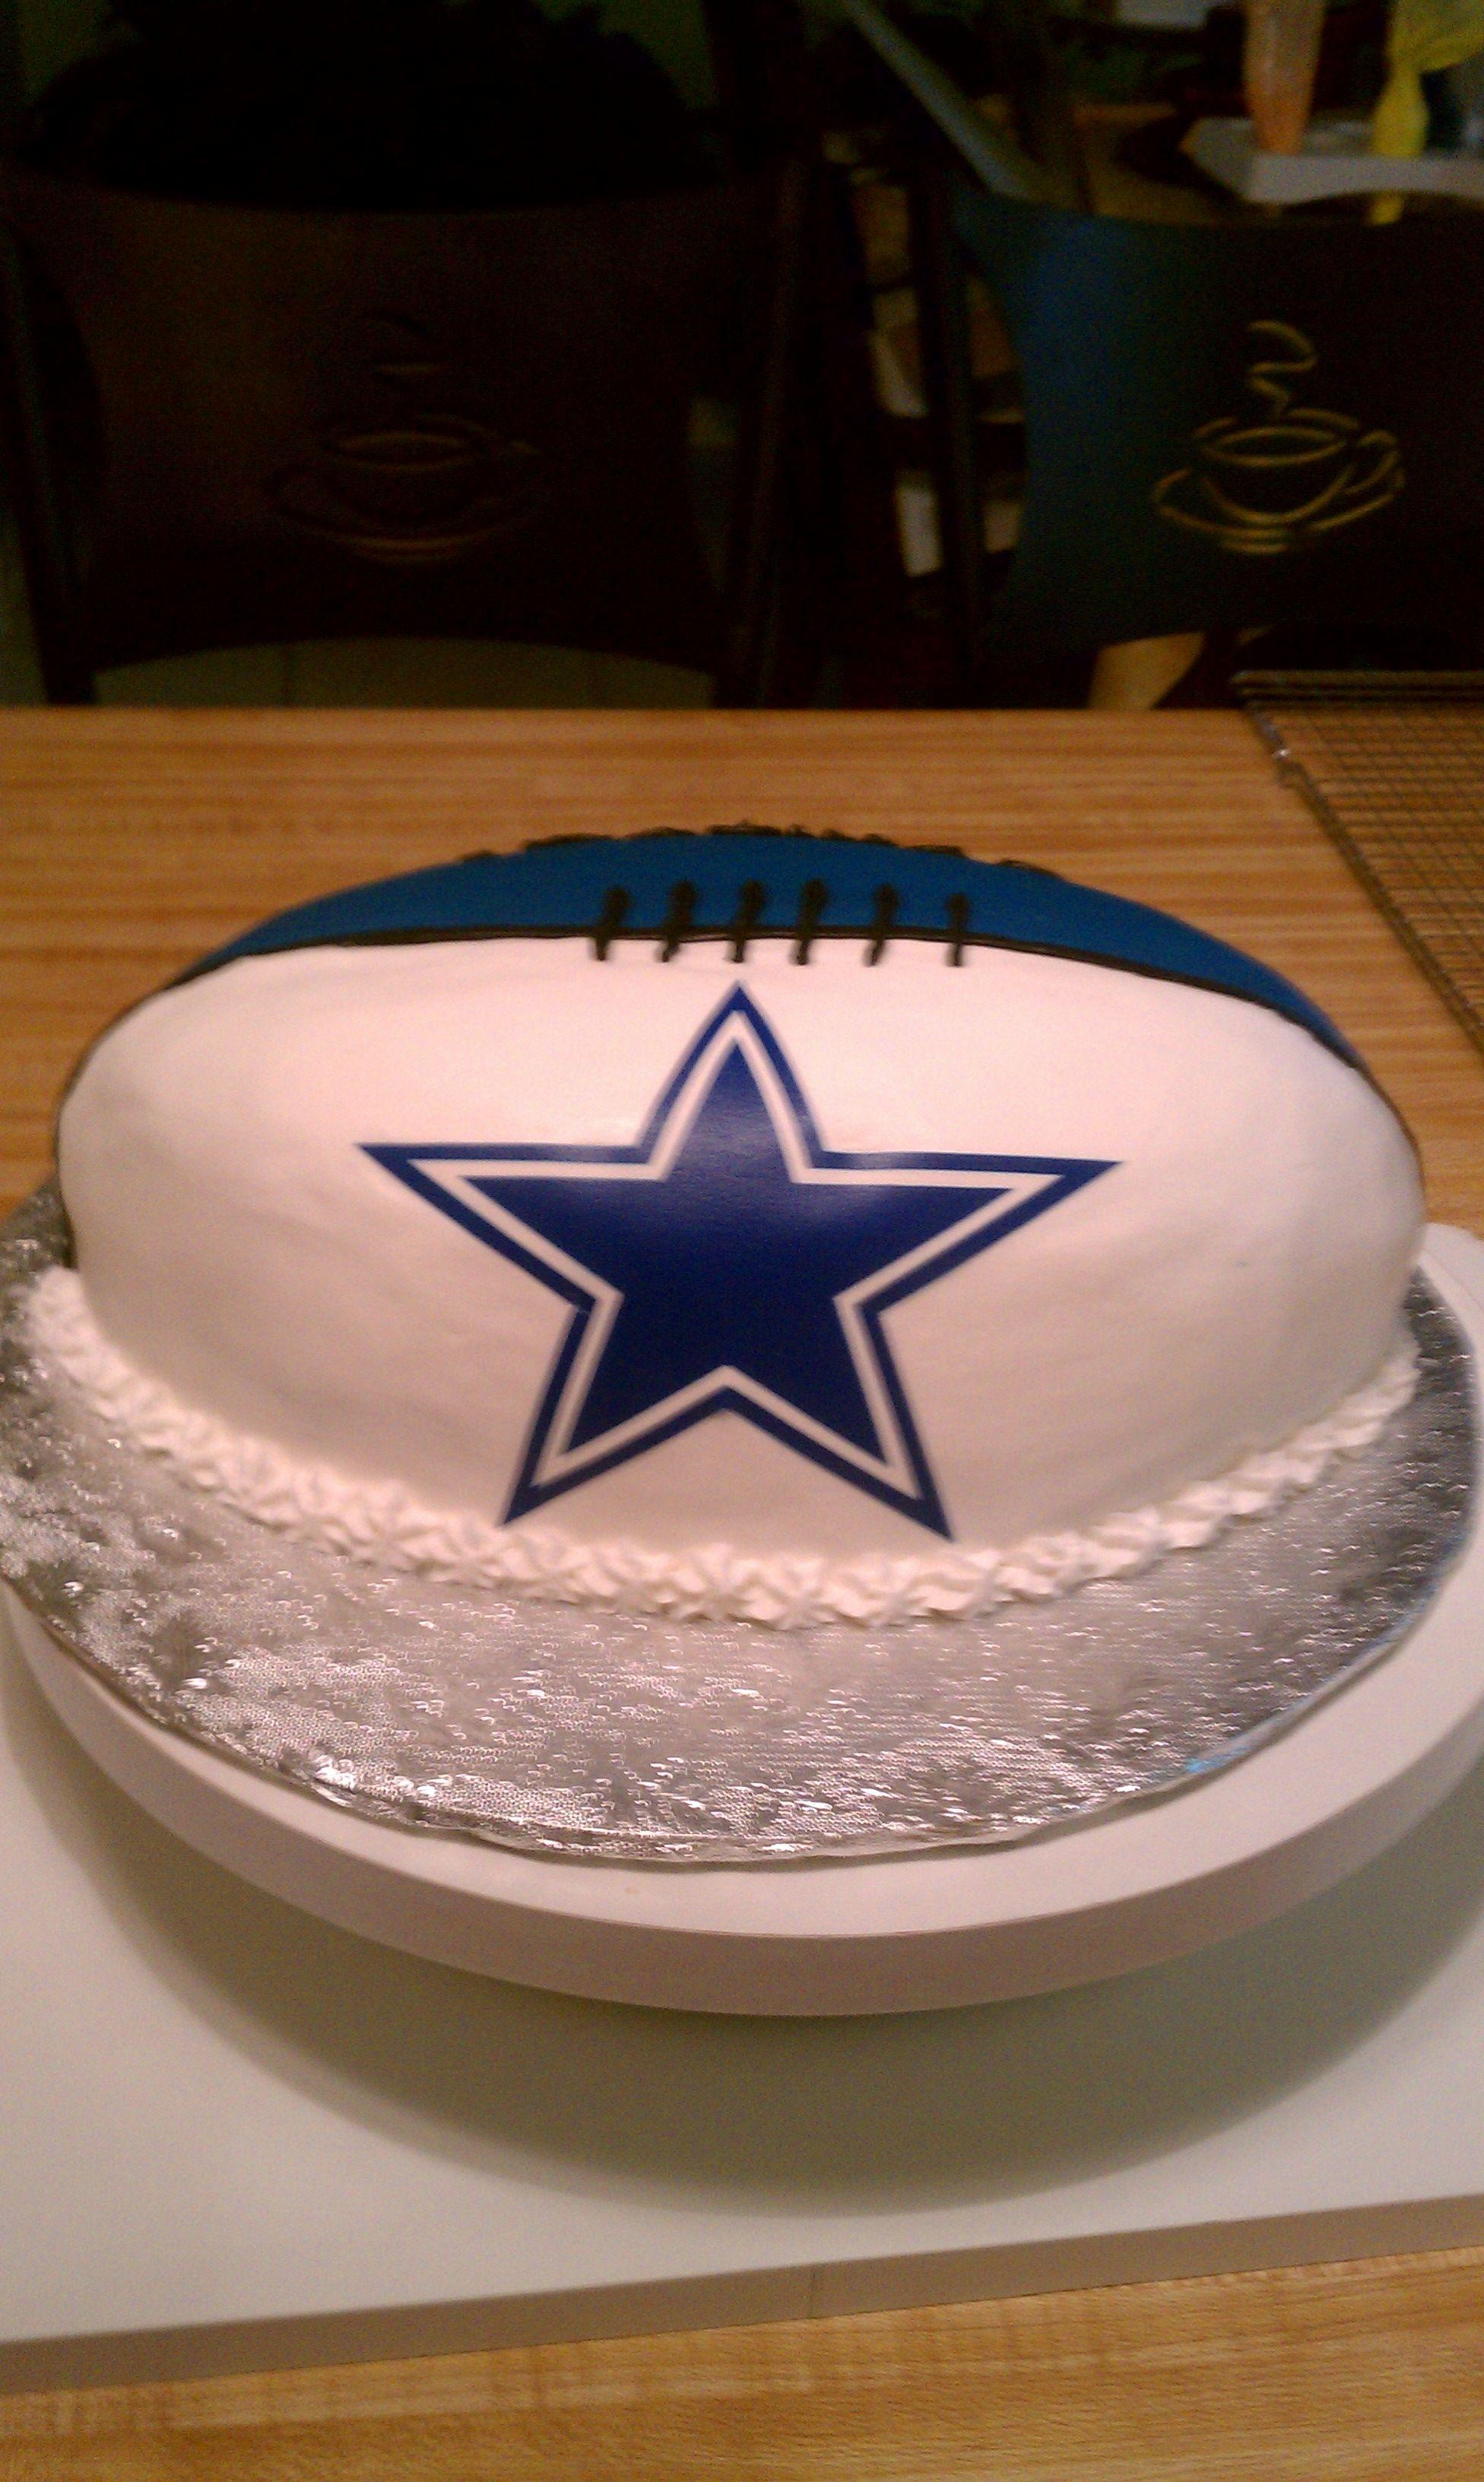 Dallas Cowboys Football Cake Omg Need To Step Up My Baking Skills